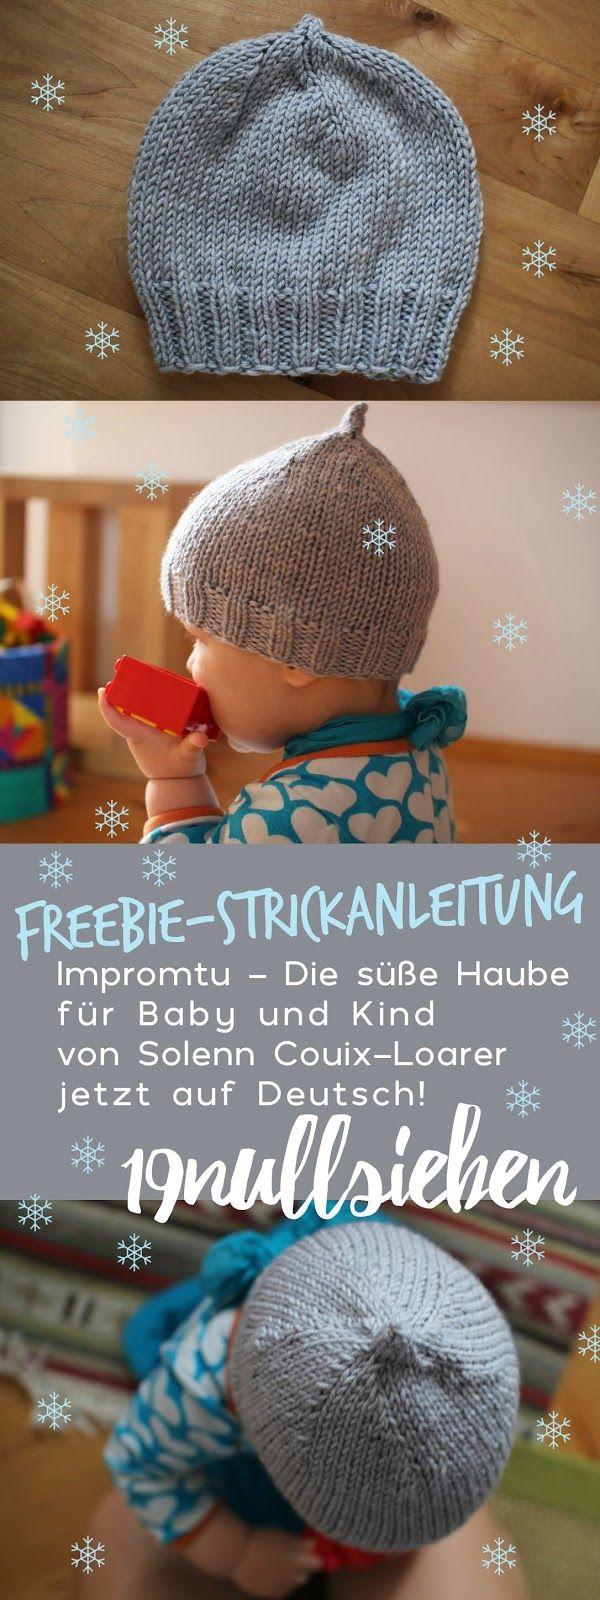 Photo of 19nullsieben ein Blog aus Wien über Nähen, Stricken, Handarbeiten, Kreatives, …